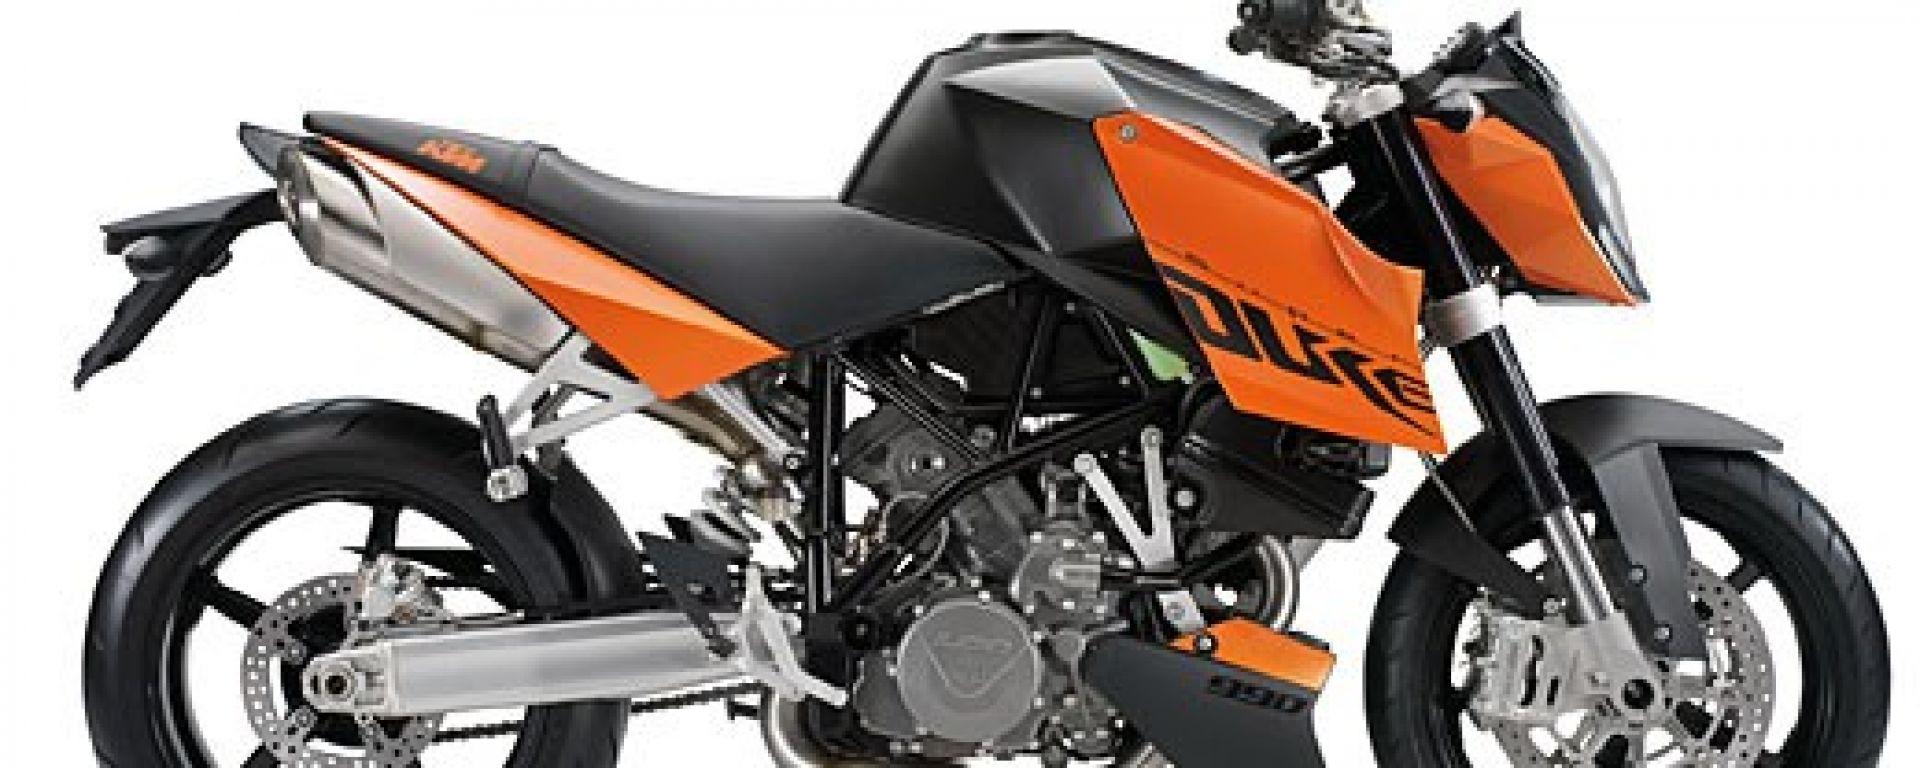 KTM Super Duke '07